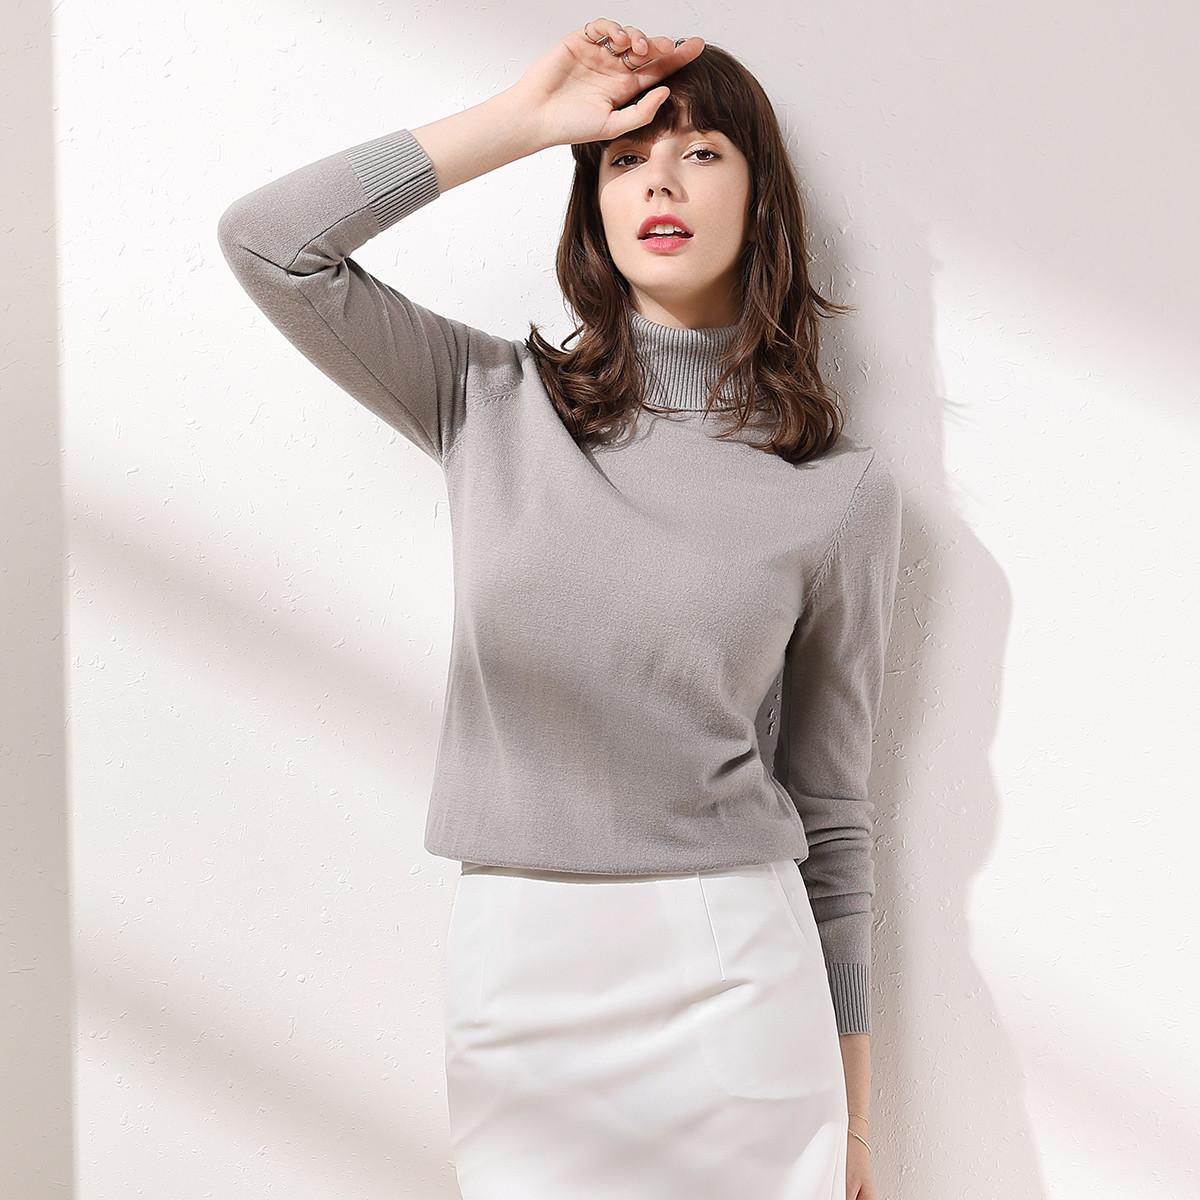 皮尔·卡丹100%羊毛衫针织毛衣女式两翻领羊毛衫B22WP8211954